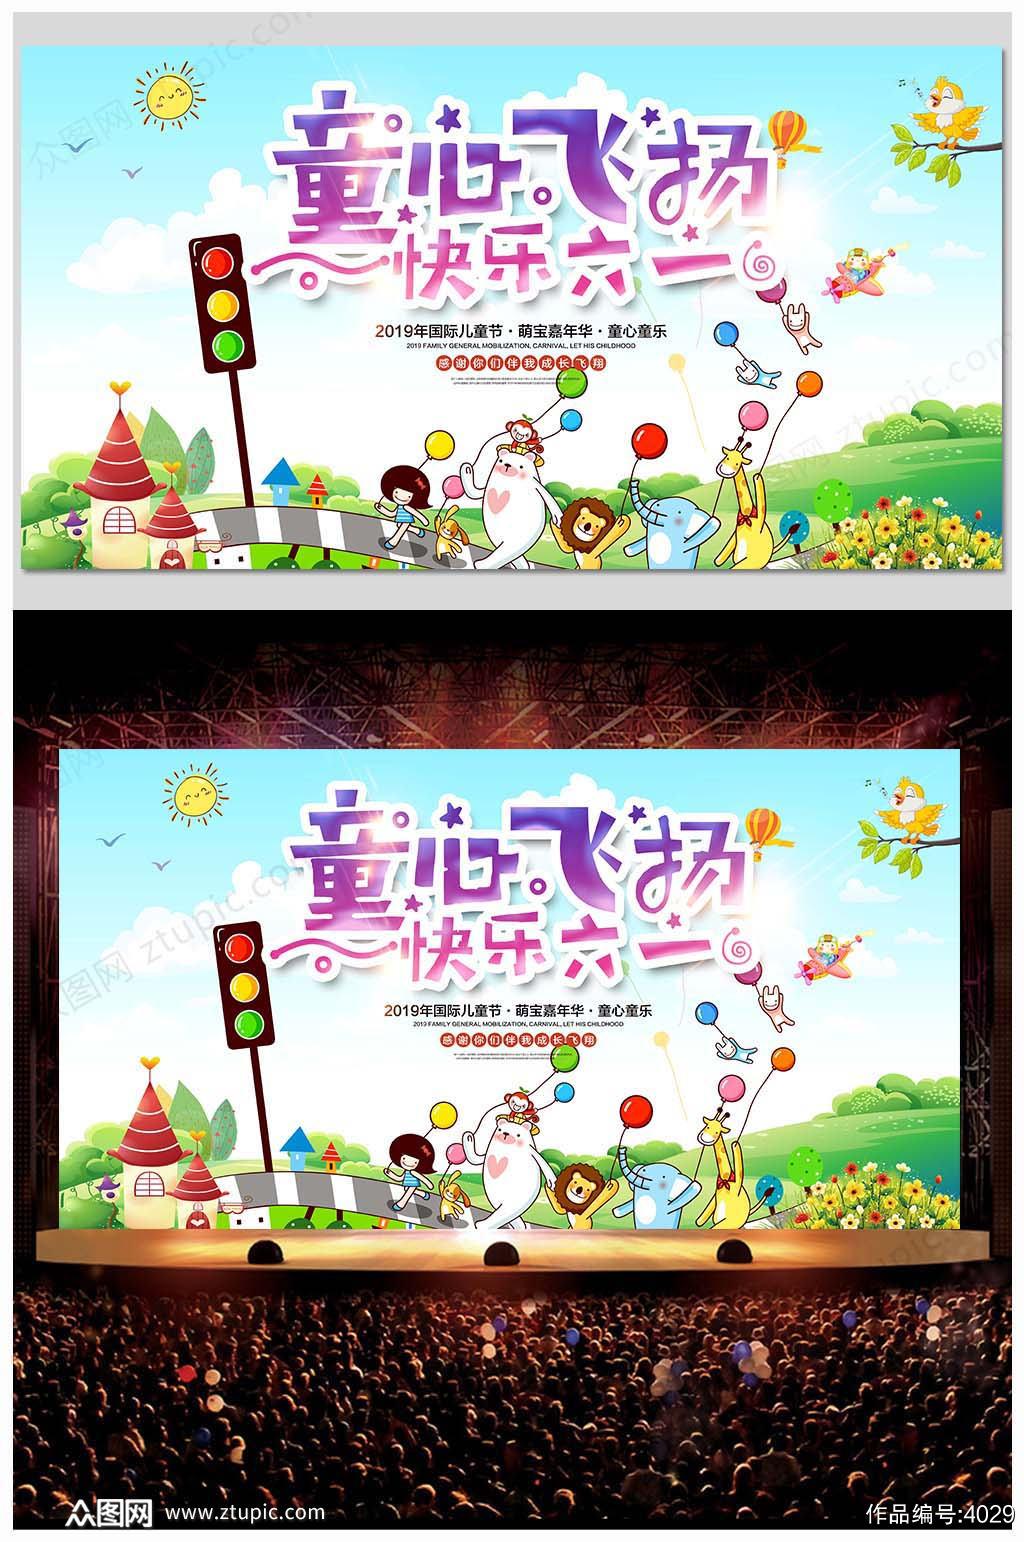 61儿童节幼儿园六一儿童节晚会舞台背景素材